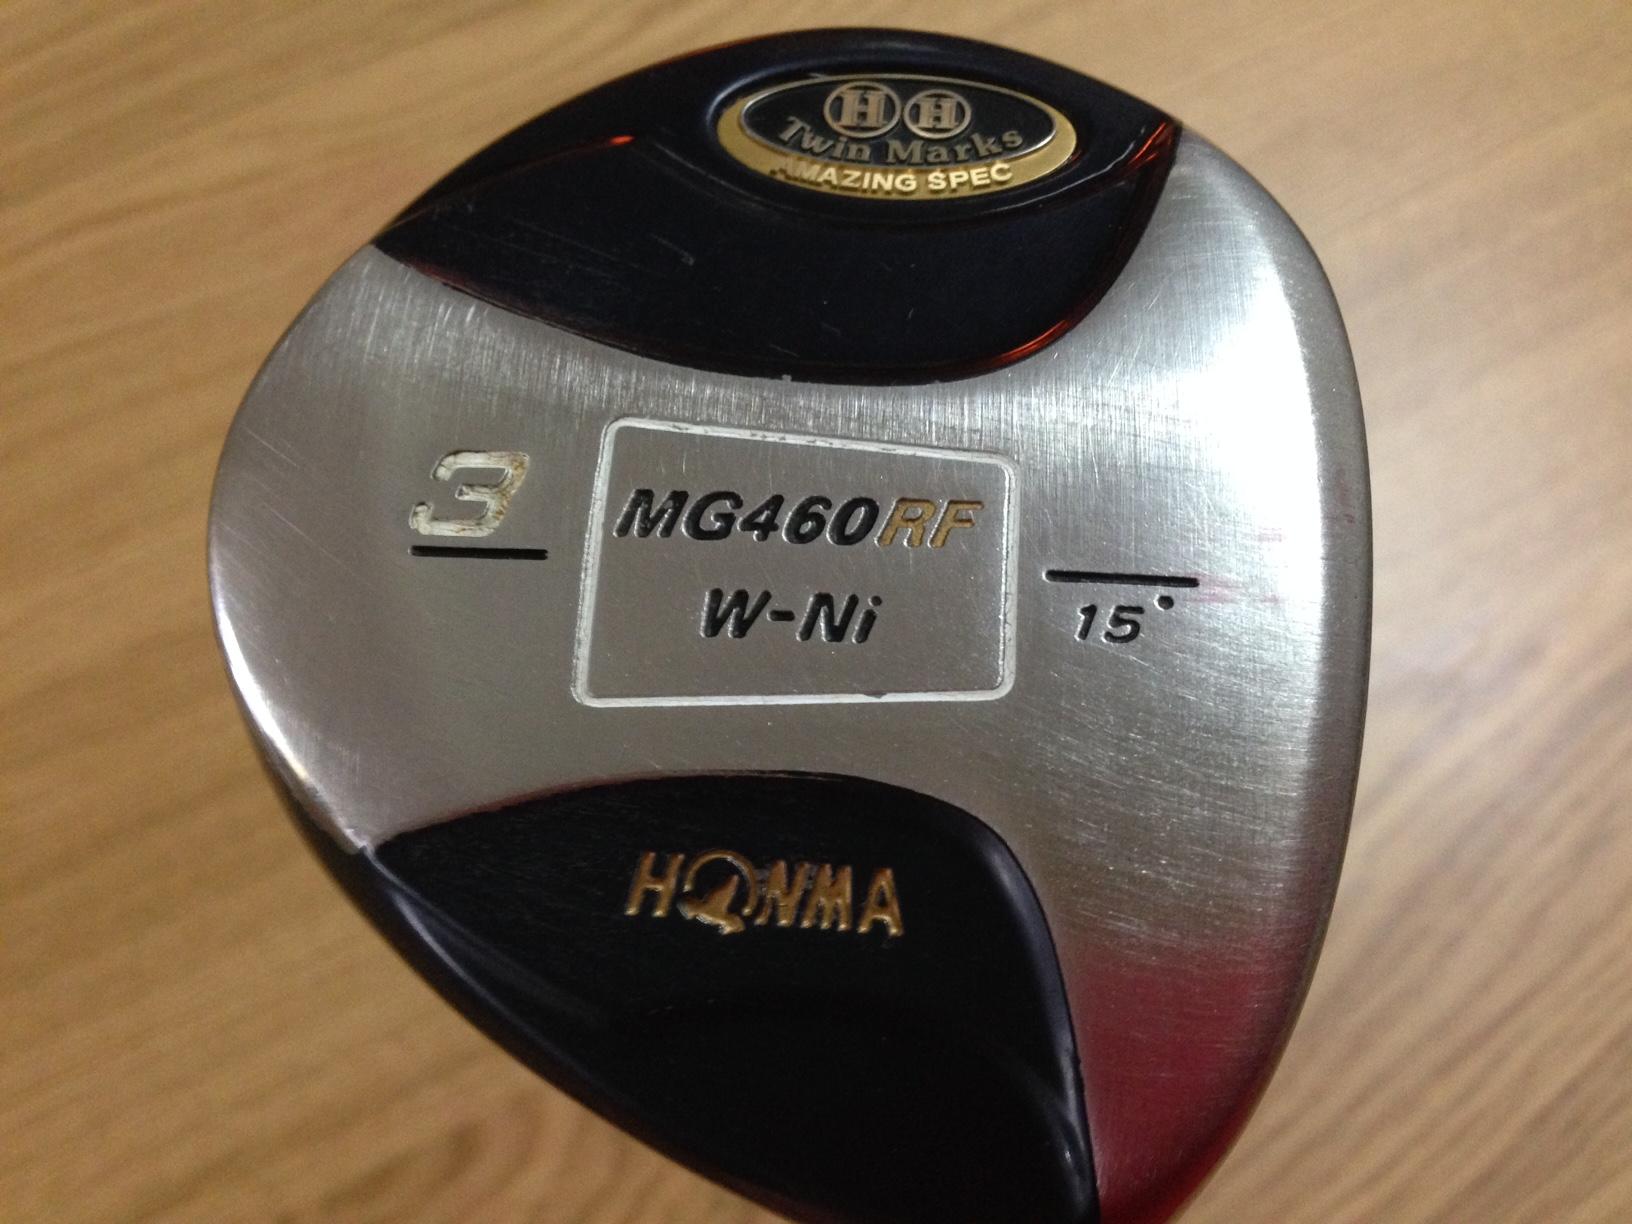 HONMA製 Twin Marks MG460 RF W-Ni 15° ARMRQ 851 純正カバー付き